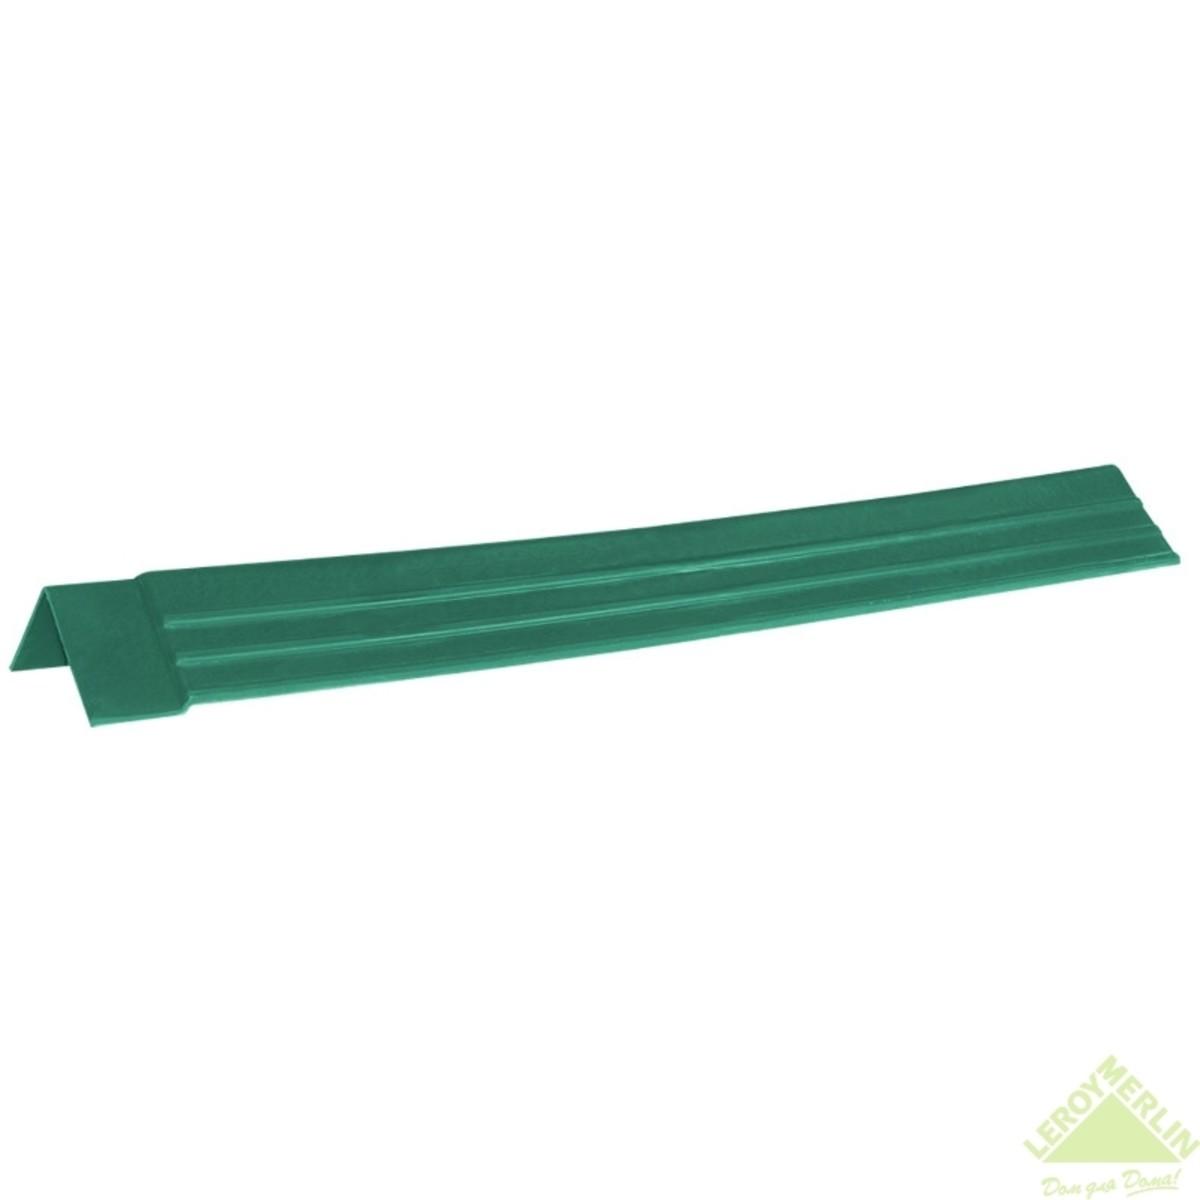 Планка ветровая Керамопласт 5x150x1210 мм цвет изумрудный